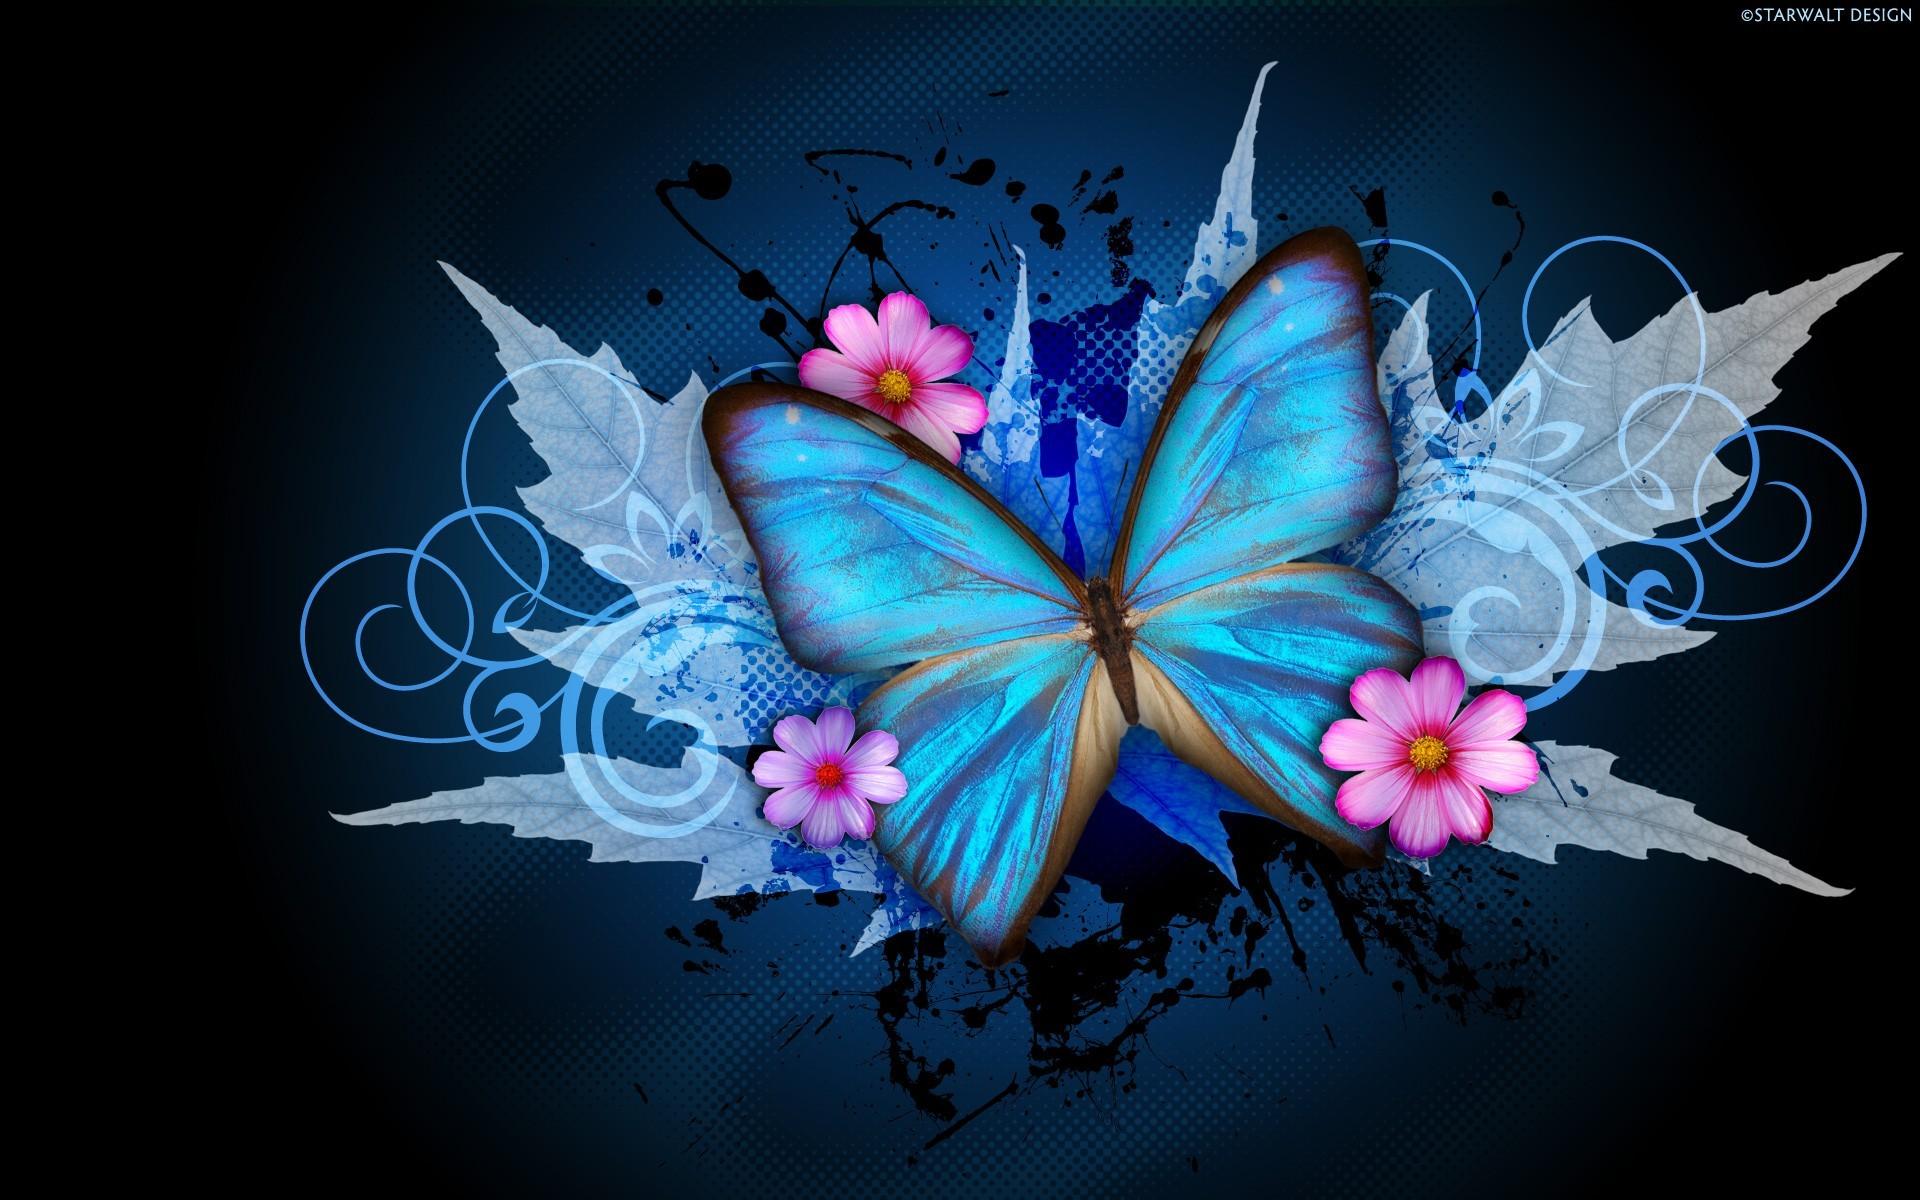 1920x1080 Purple Butterfly Hd Wallpapaer